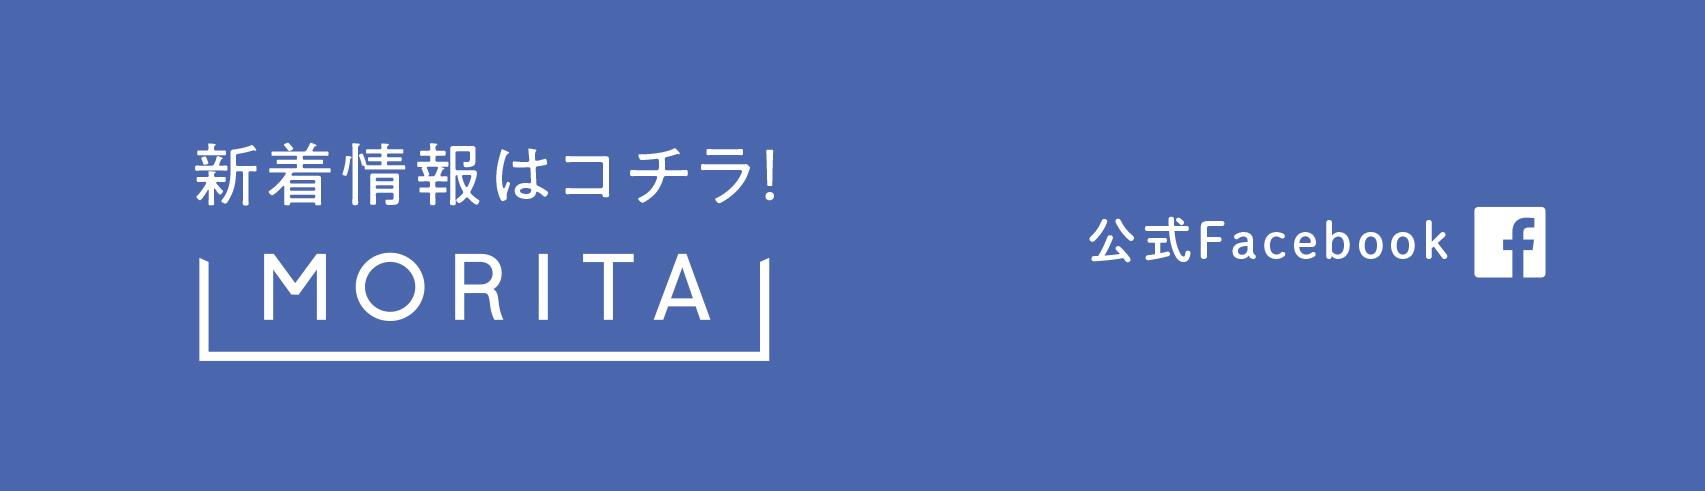 新着情報はコチラ! MORITA 公式Facebook